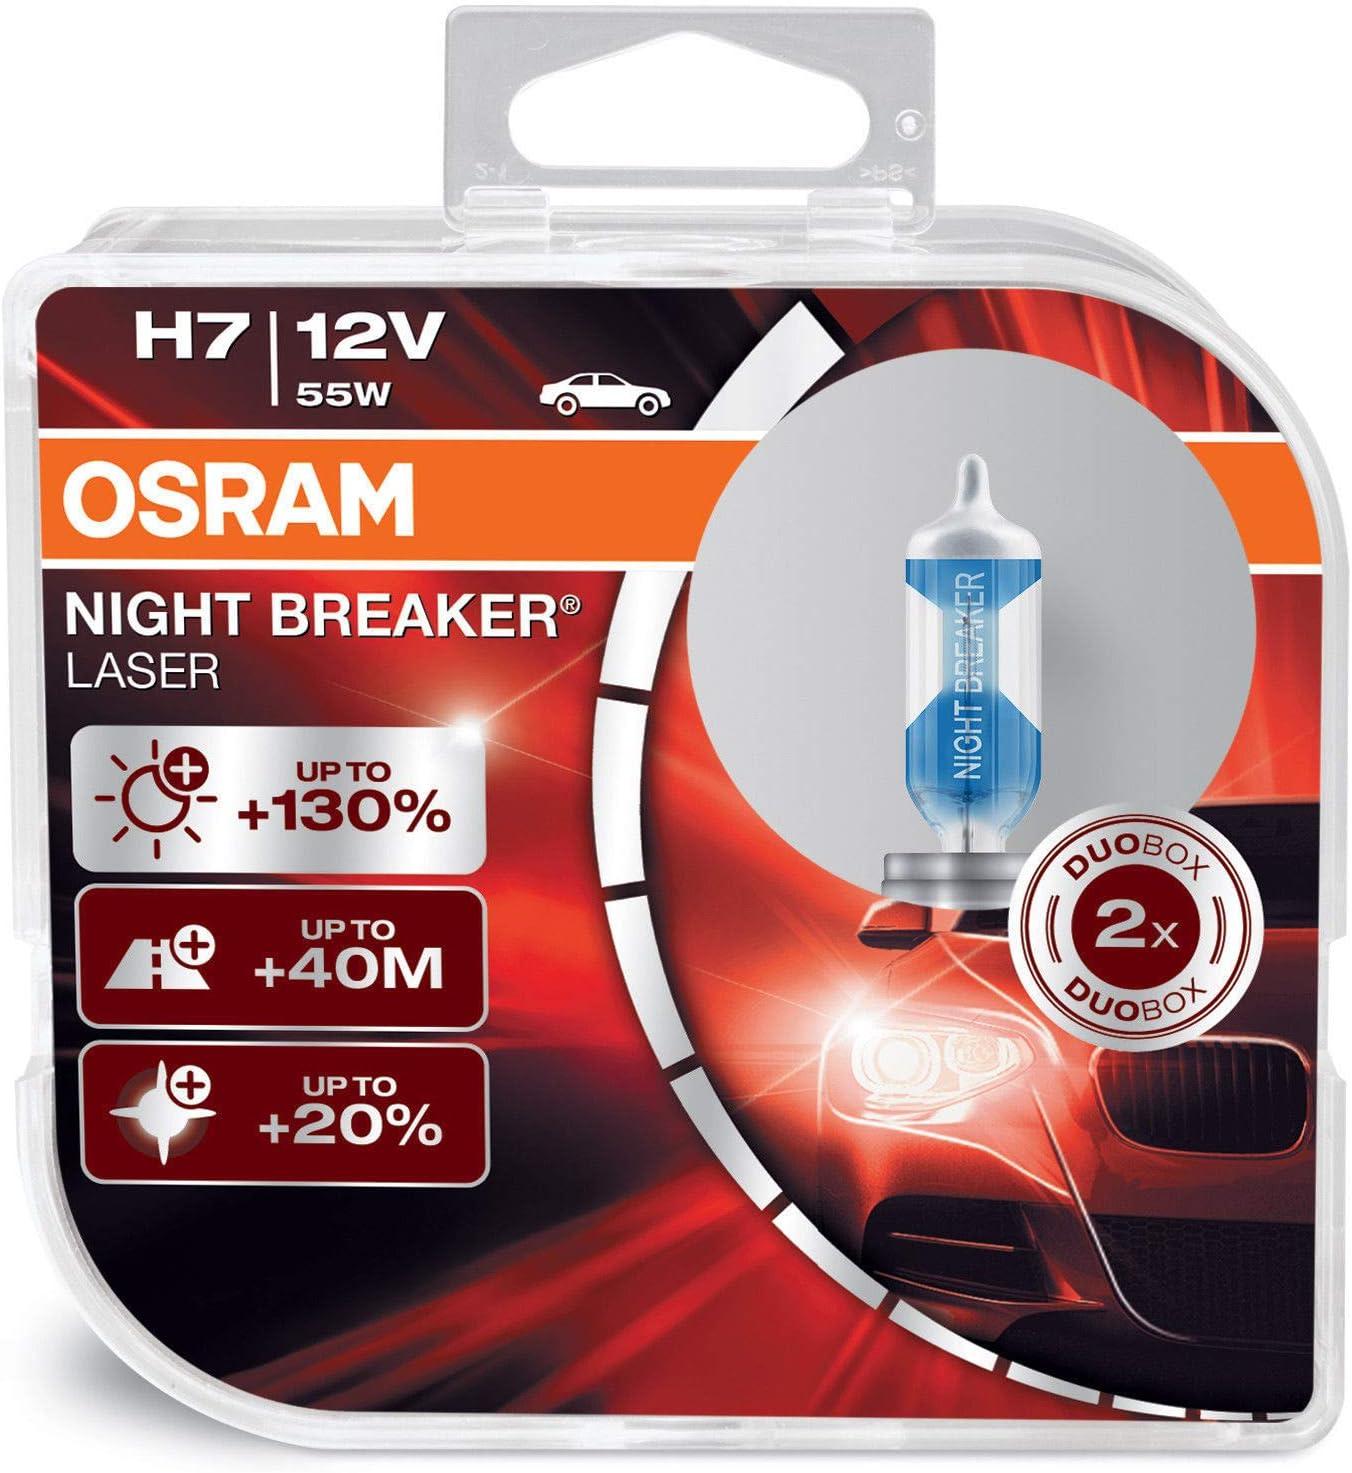 OSRAM Night Breaker Laser H7 + 130% Xenon Blanco Focos de Coche (2 Bombillas)